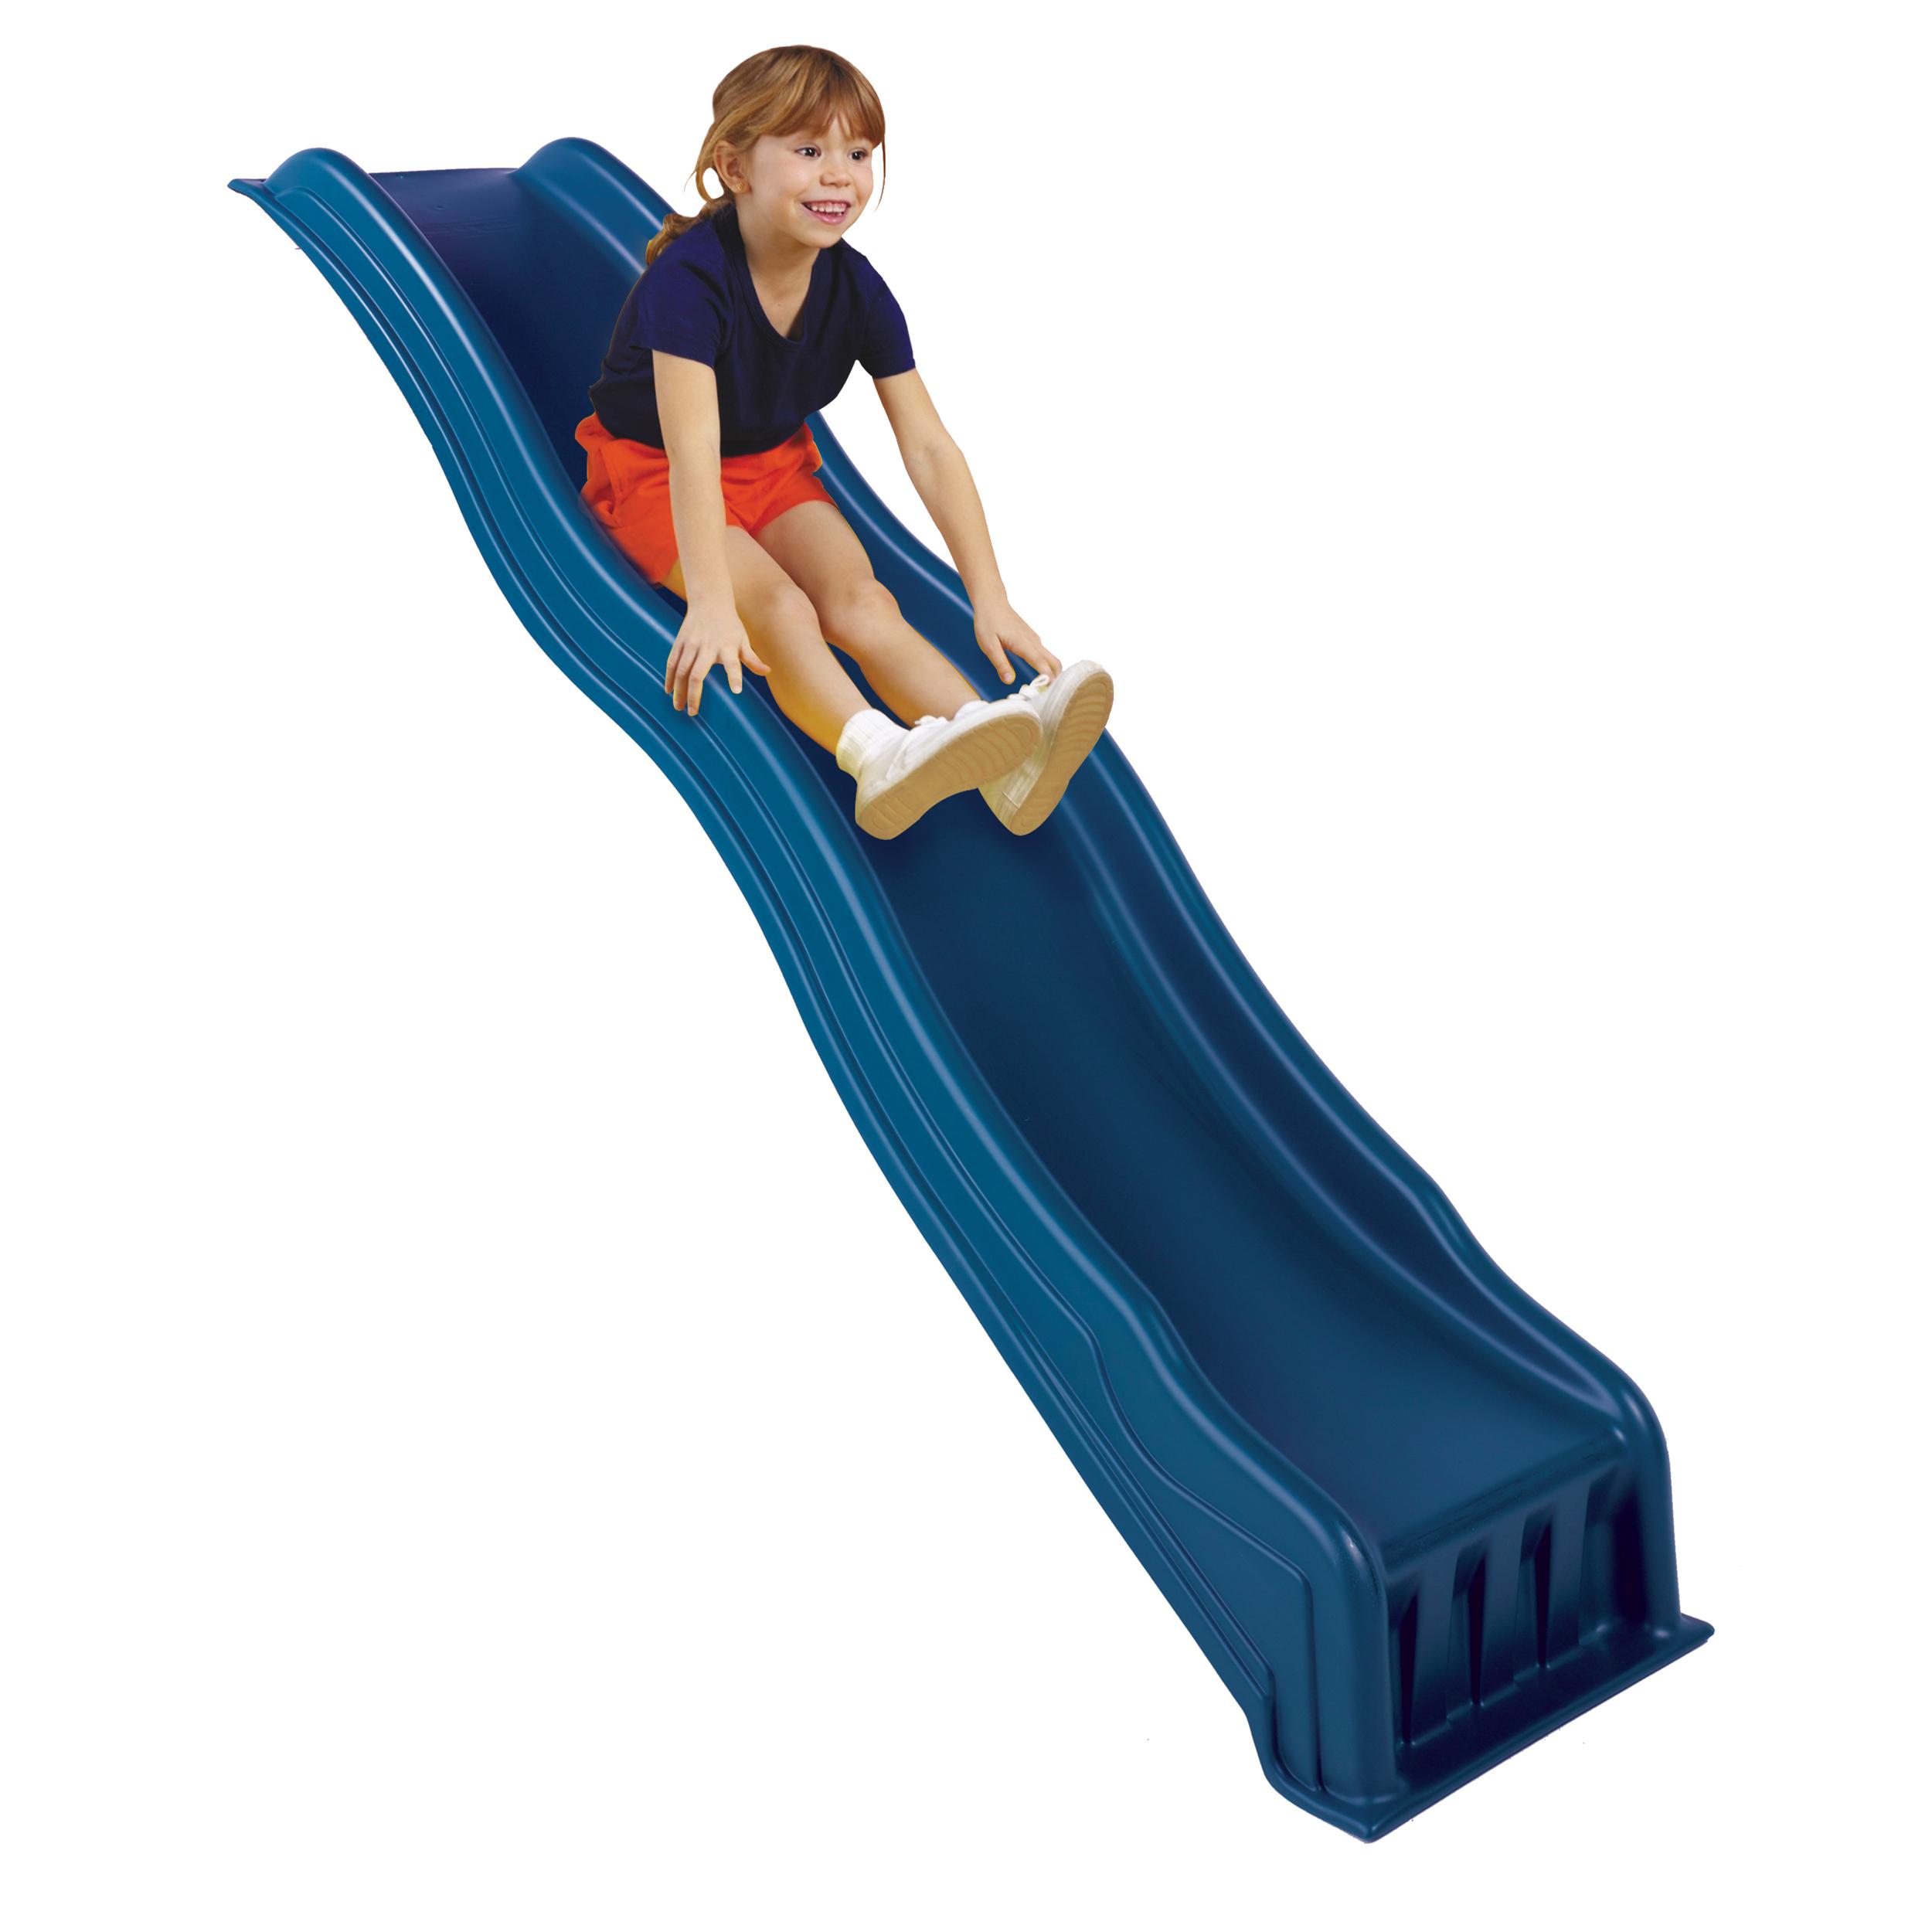 Blue Cool Wave Slide